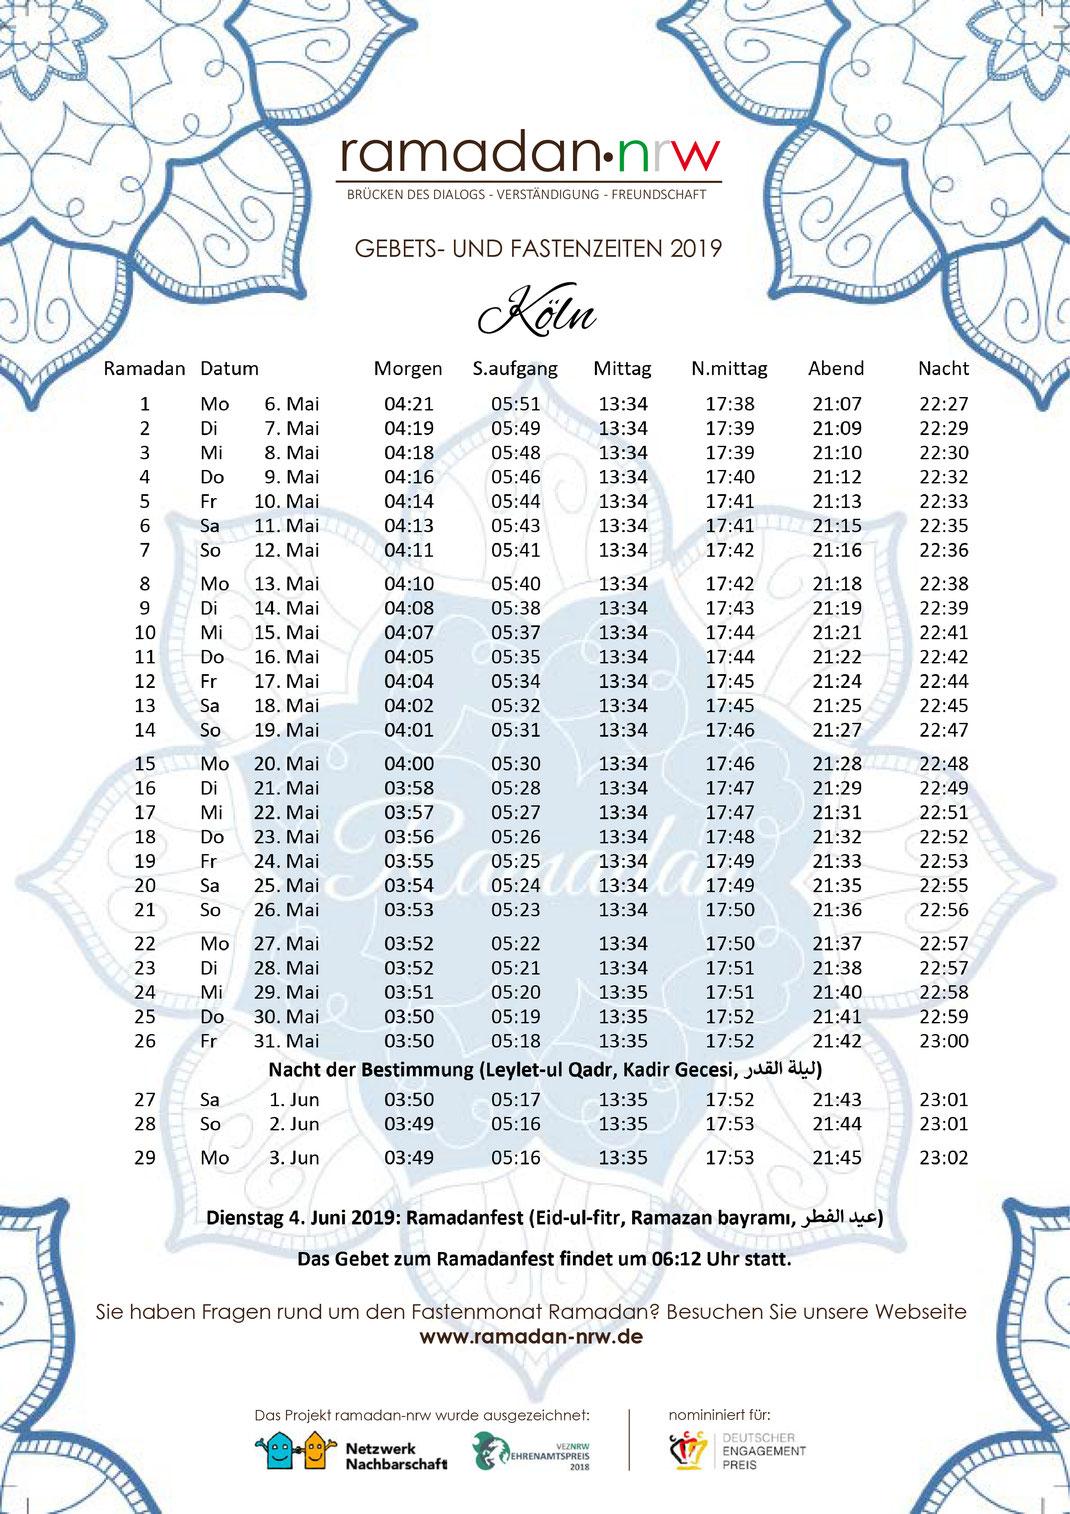 Wie lange geht ramadan 2019